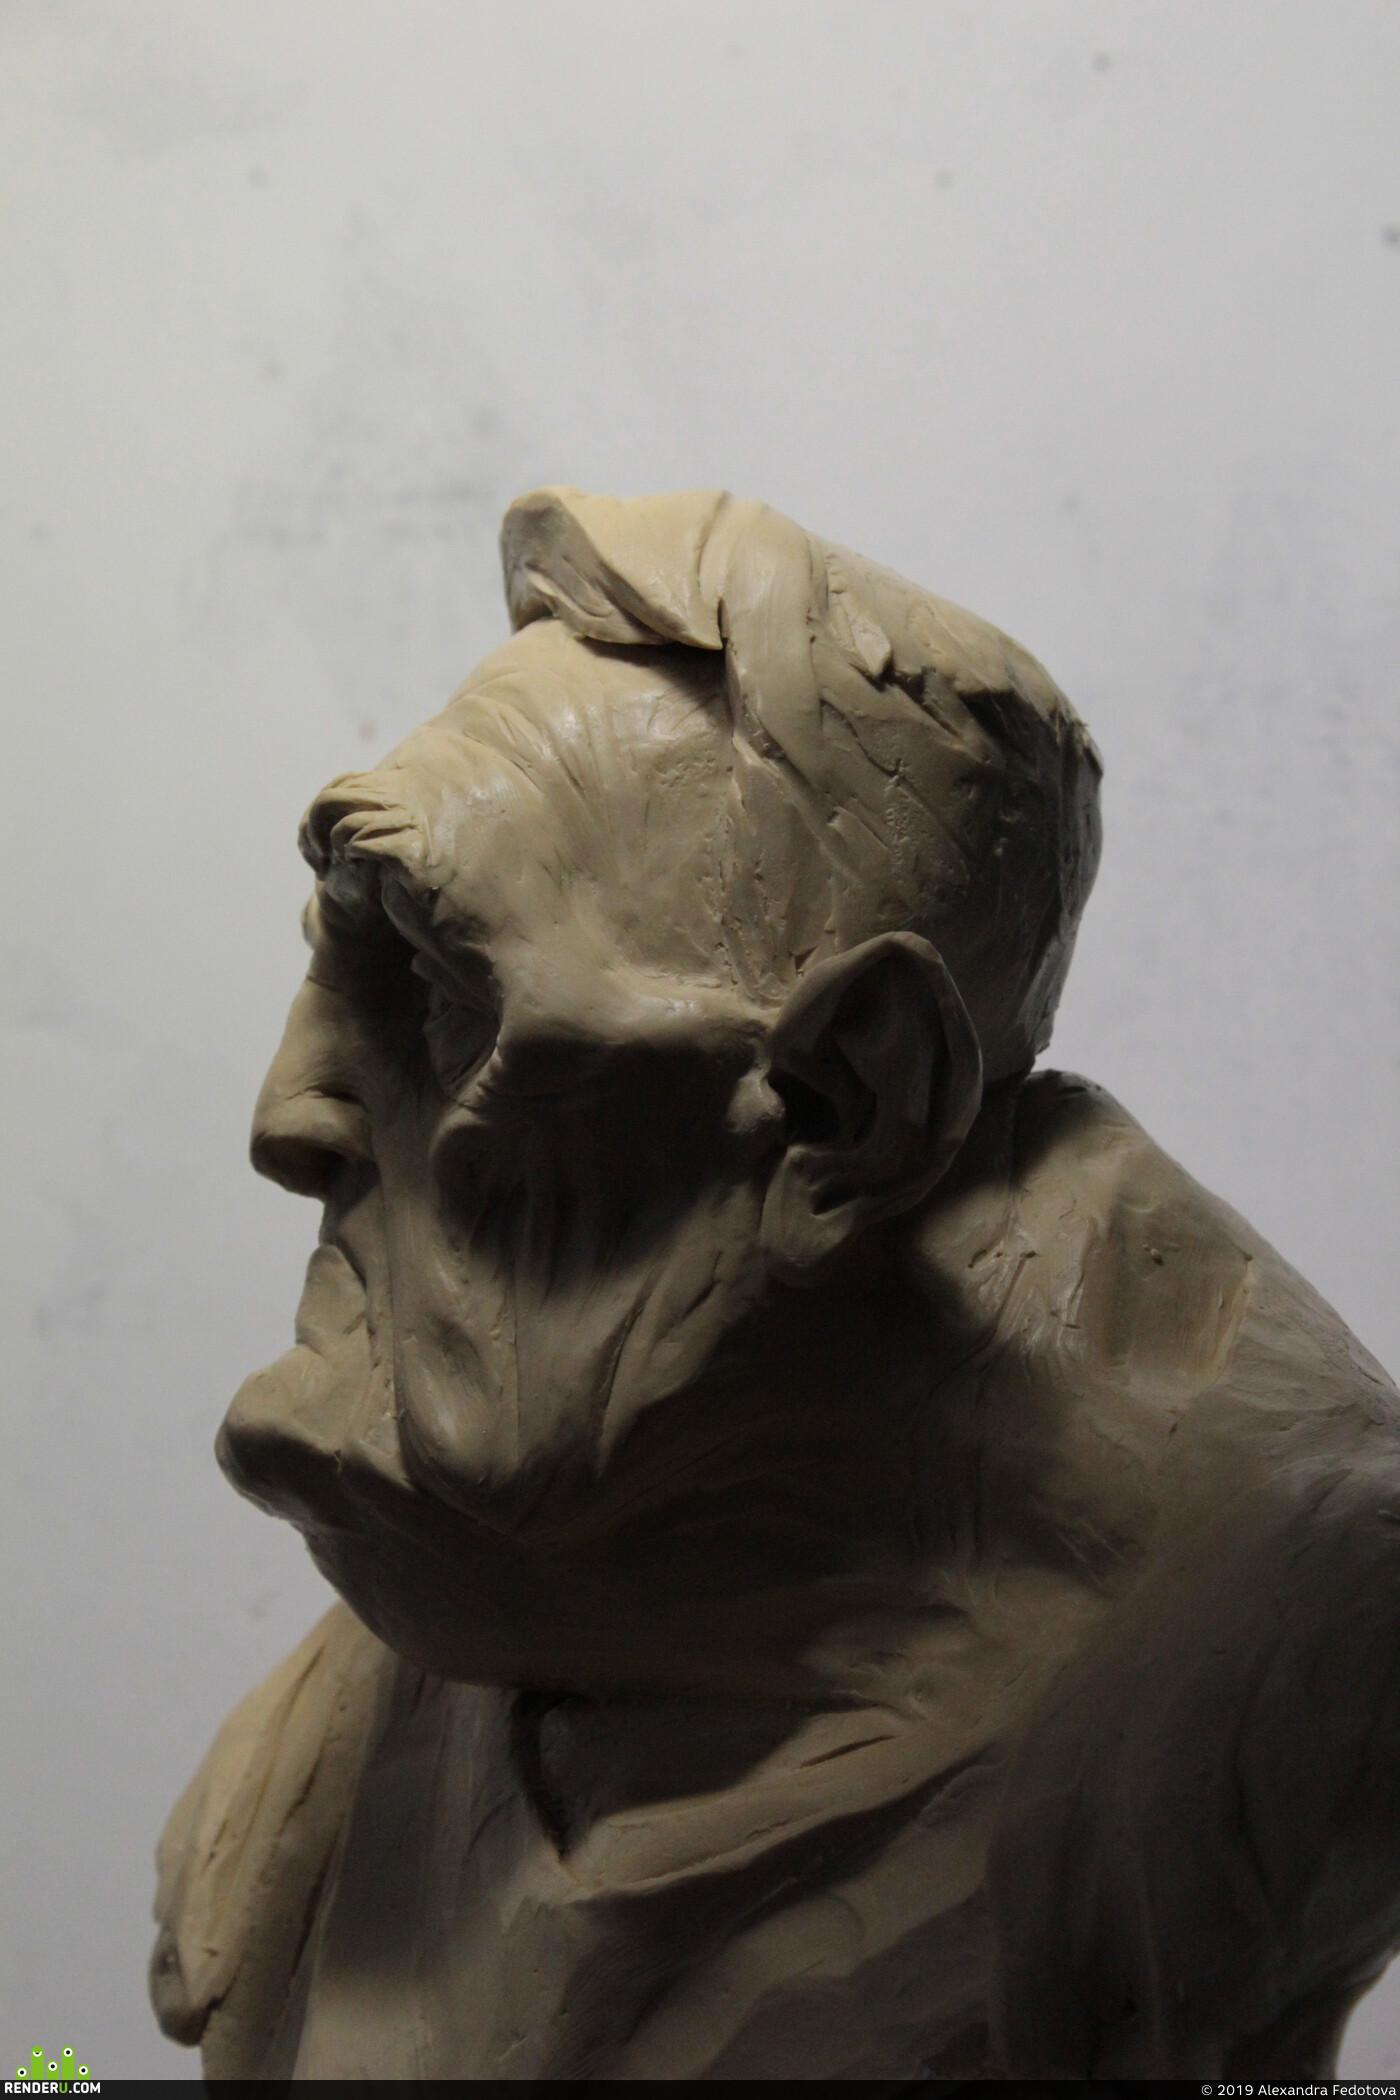 Портрет, пожилой, дедушка, пластилин, традиционное искусство, скульптура, лепка, традиционная лепка